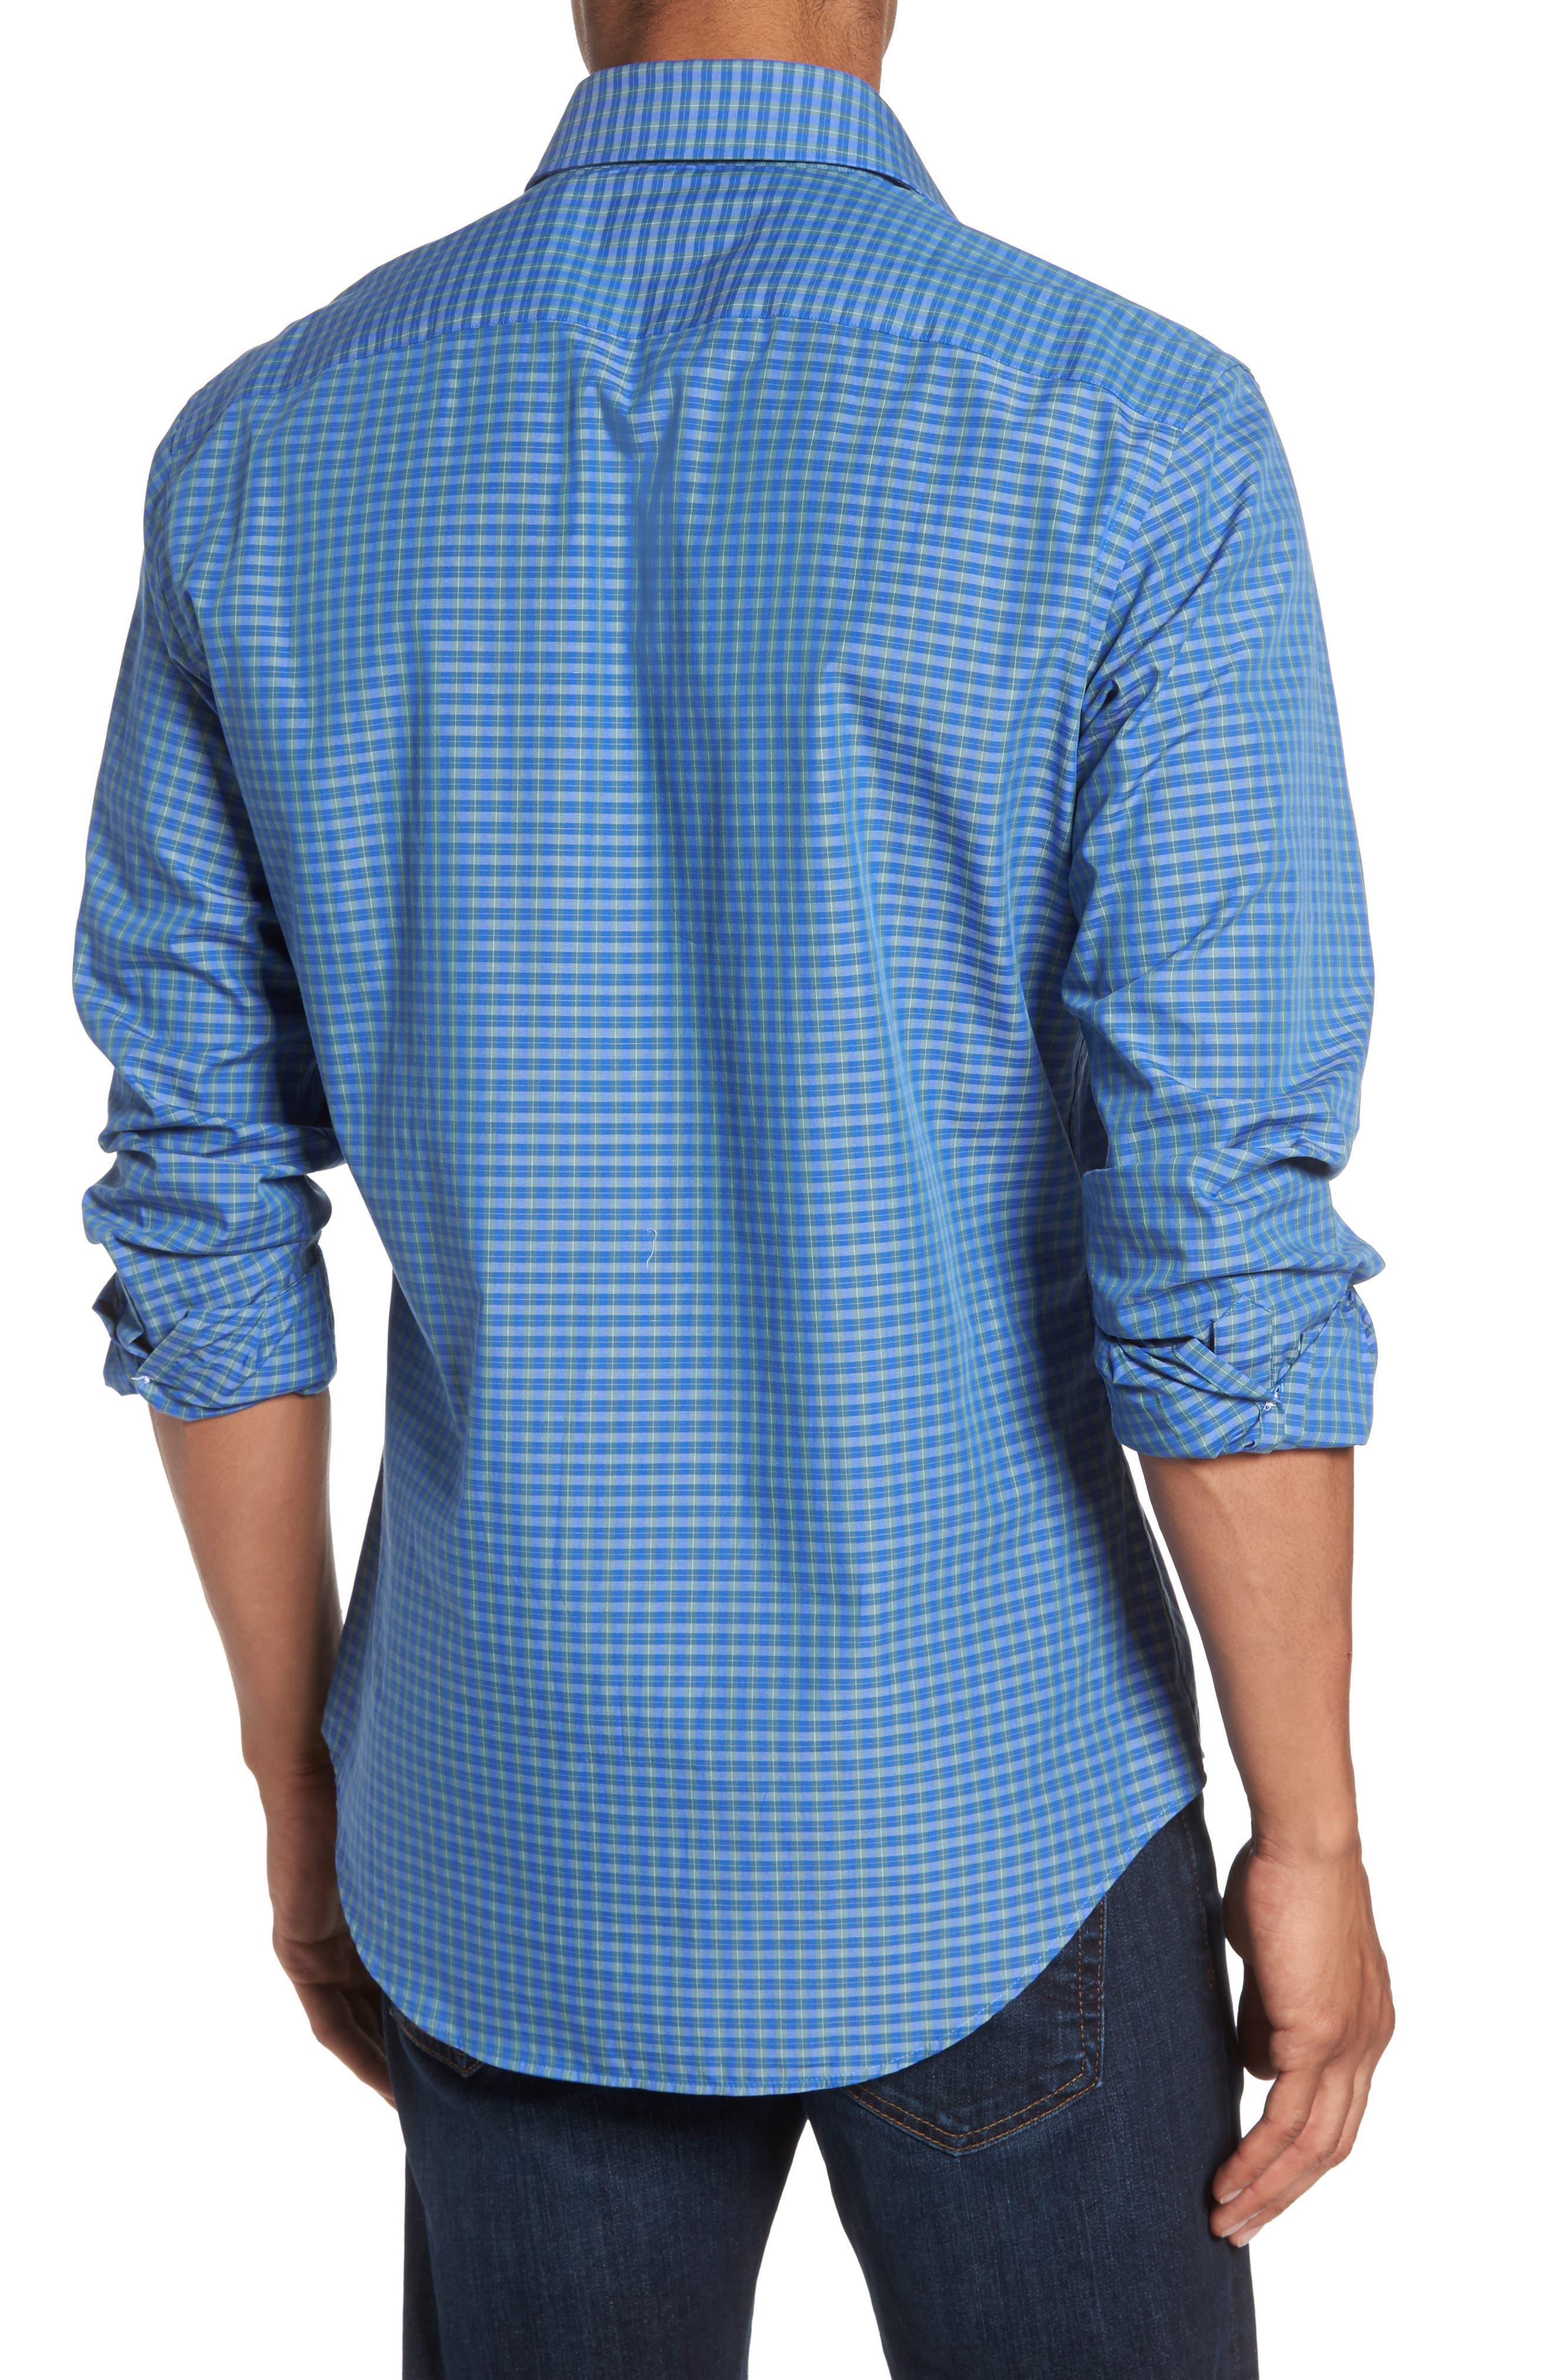 Alden Slim Fit Plaid Sport Shirt,                             Alternate thumbnail 2, color,                             306